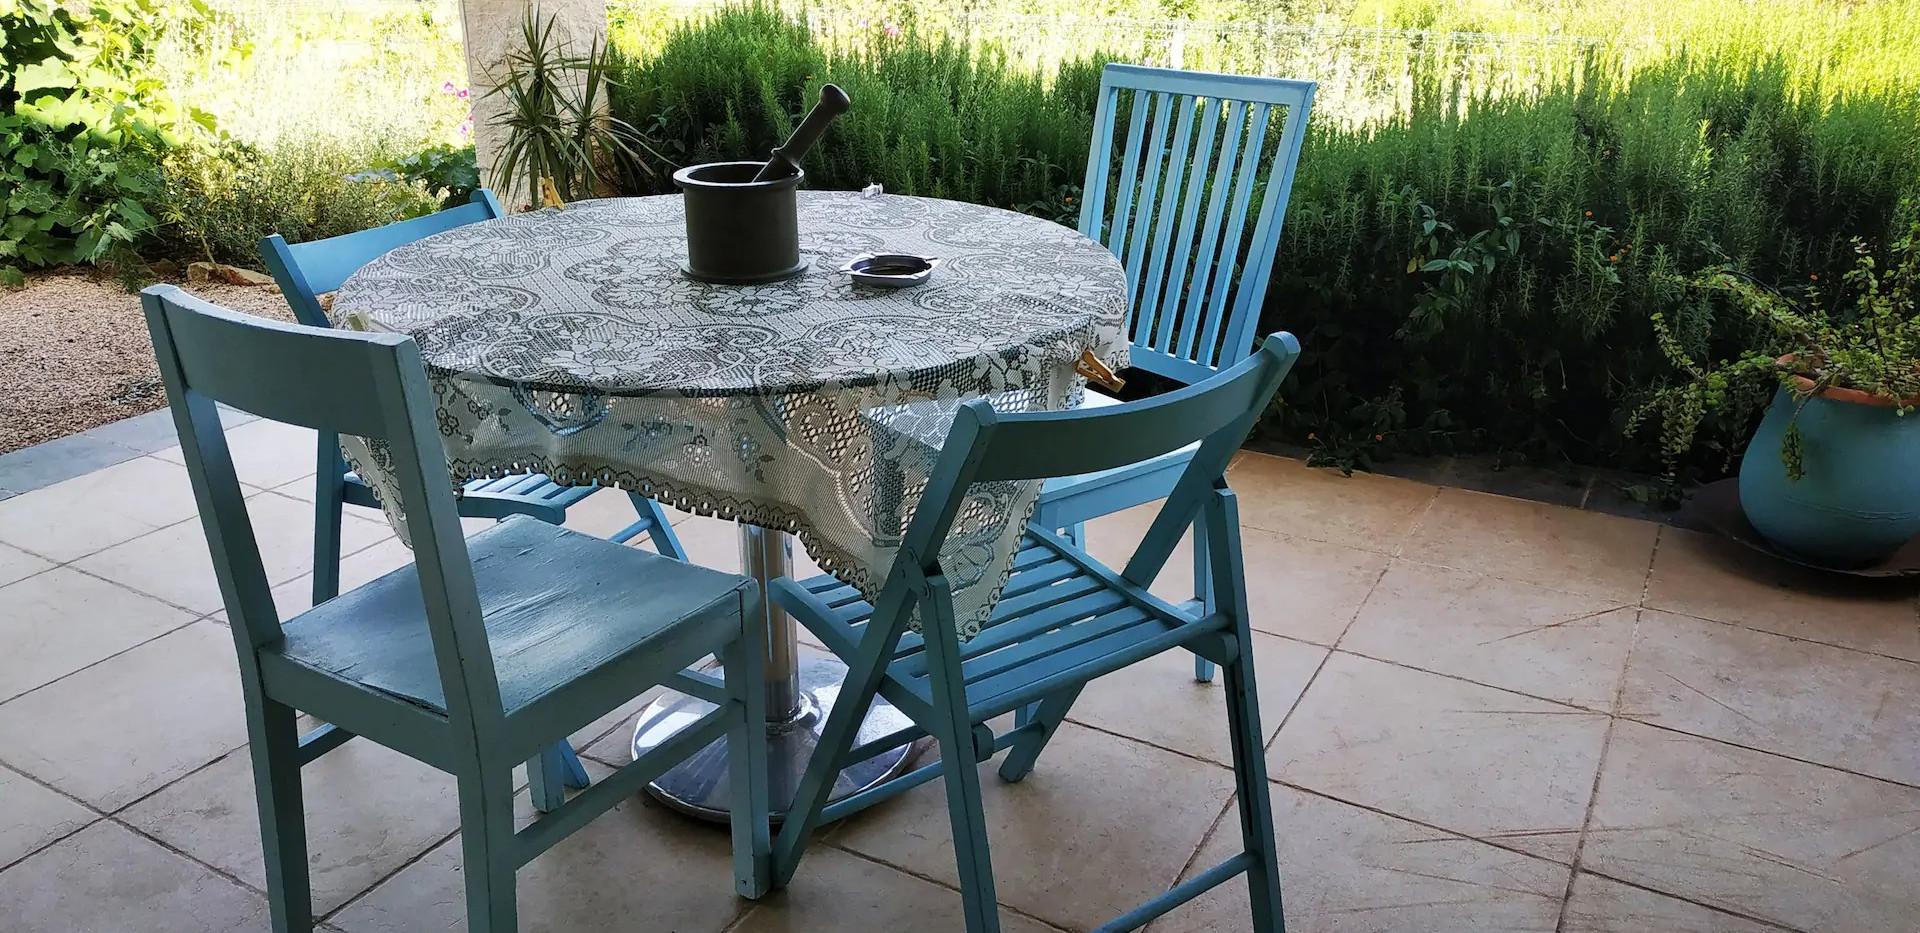 פינת הישיבה האחורית.נוף,תבלינים,קפה של בוקר. The back yard sitting corner. Wiews,herbs,your morning coffee.